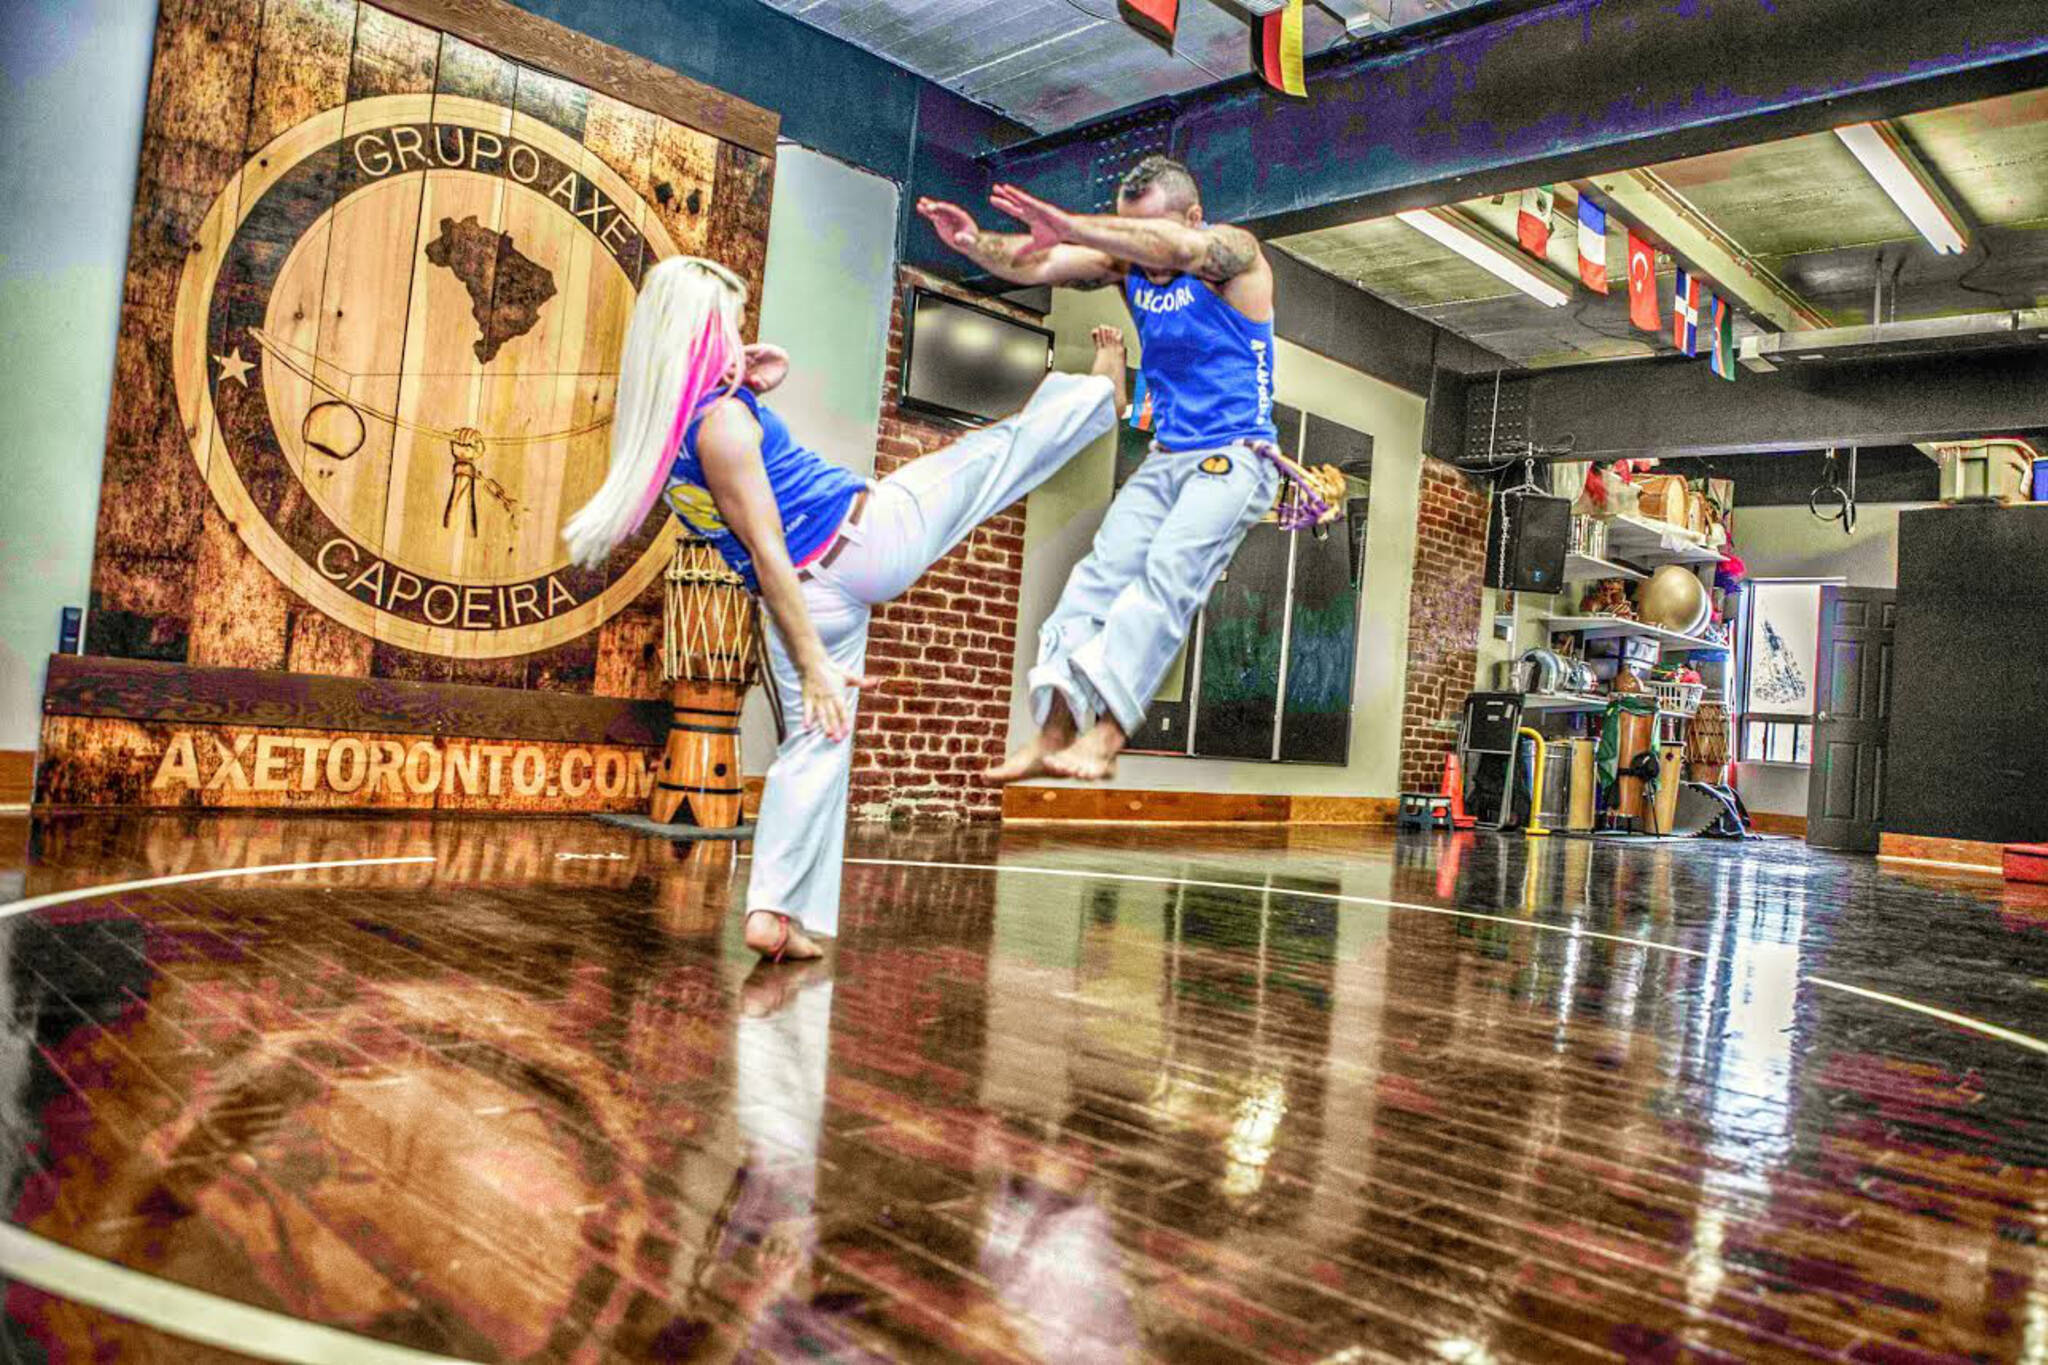 Axe Capoeira